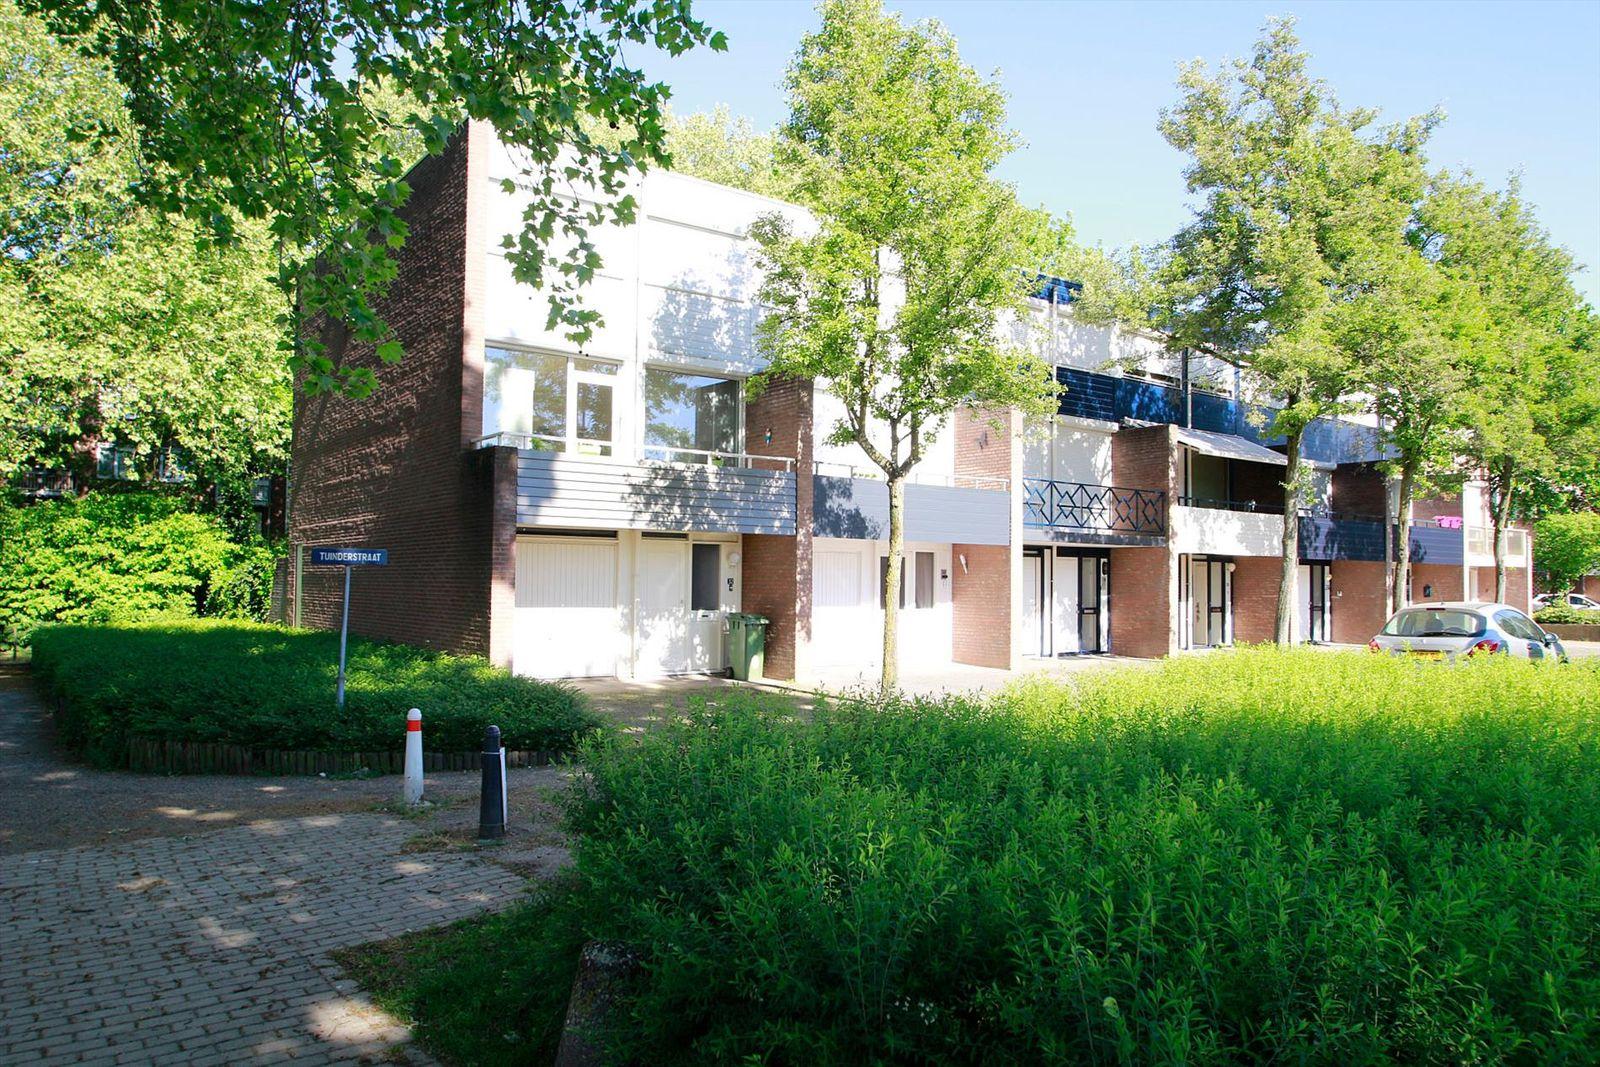 Tuinderstraat 26, Weert